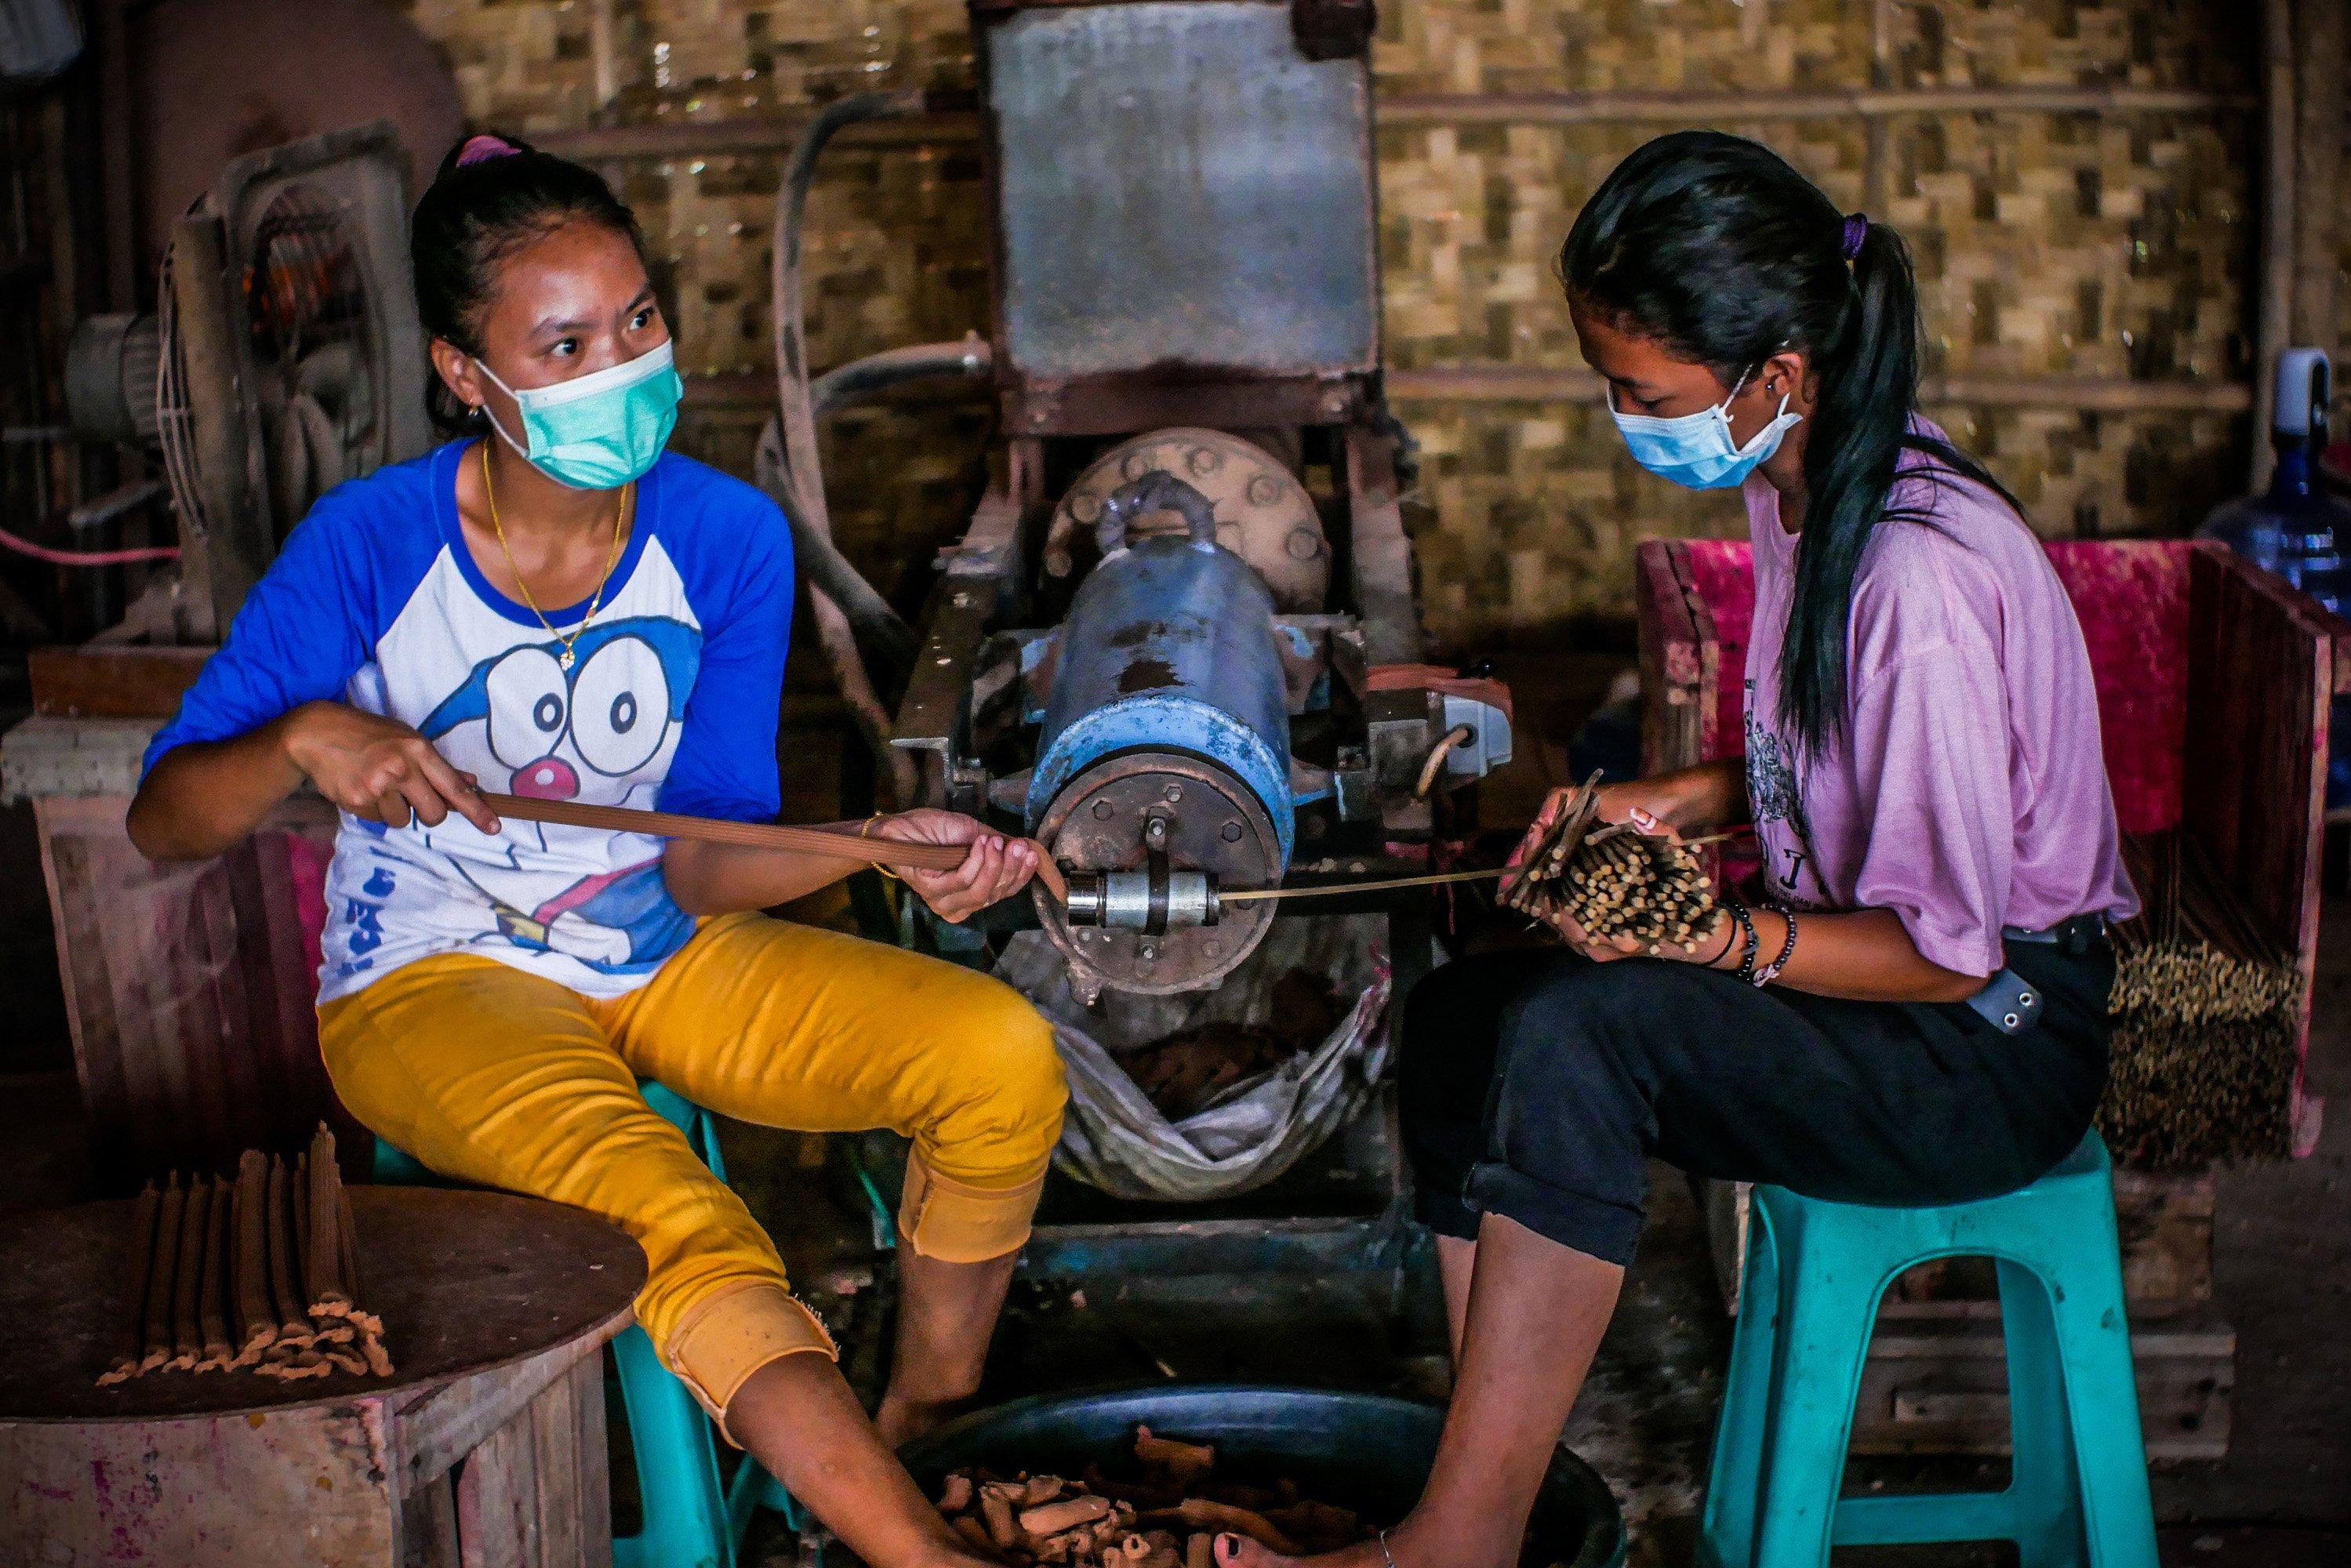 Pekerja menyelesaikan pembuatan hio di Industri Hio Rumahan Koh Ase, Kosambi, Kabupaten Tangerang, Banten.